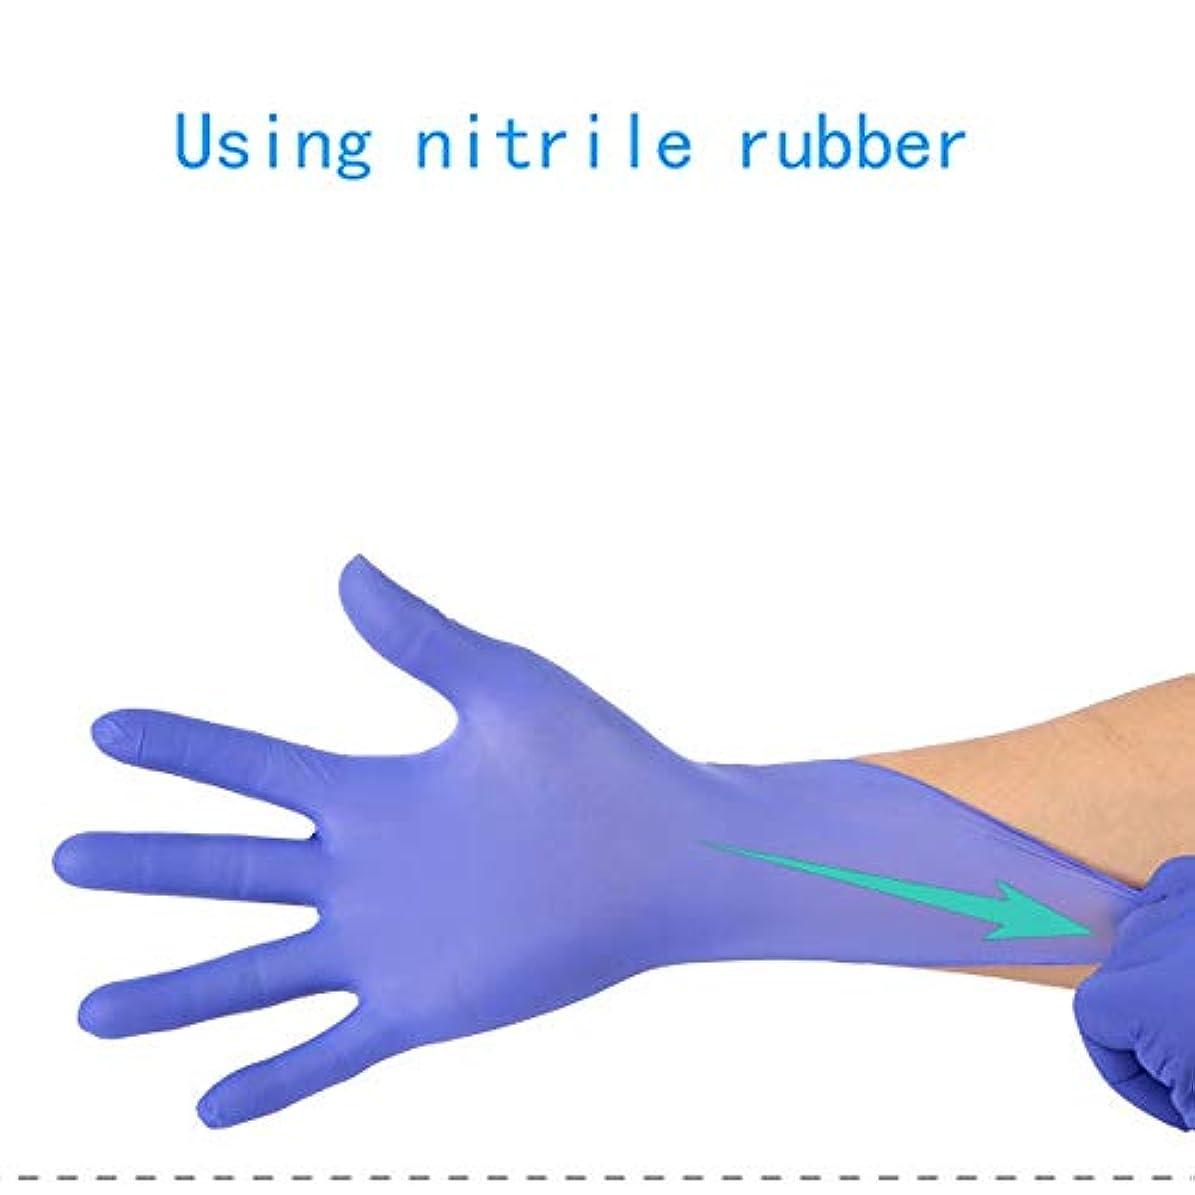 カロリーパワーセル便利ニトリル医療グレード試験用手袋、使い捨て、ラテックスフリー、100カウント、滅菌済み使い捨て安全手袋 (Color : Purple, Size : L)